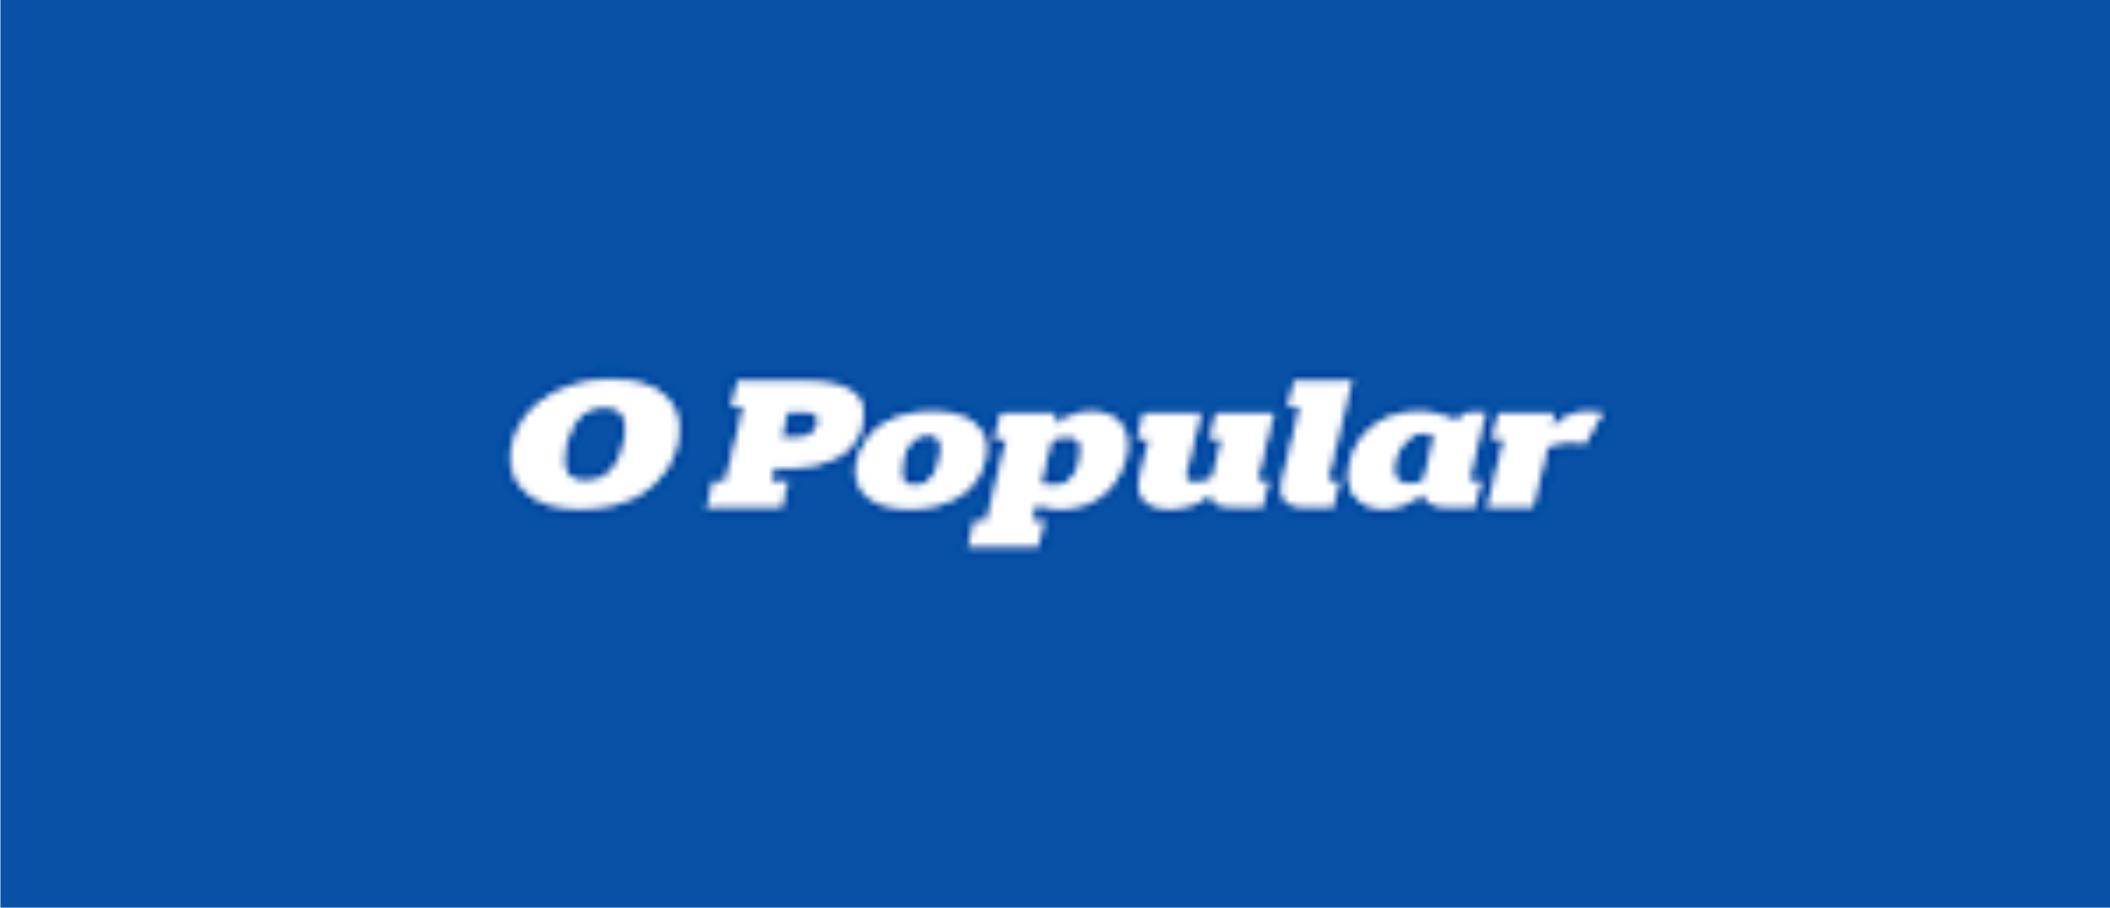 """Matéria Jornal """"O Popular"""". Sucesso obtido pelo advogado Rafael Arruda."""